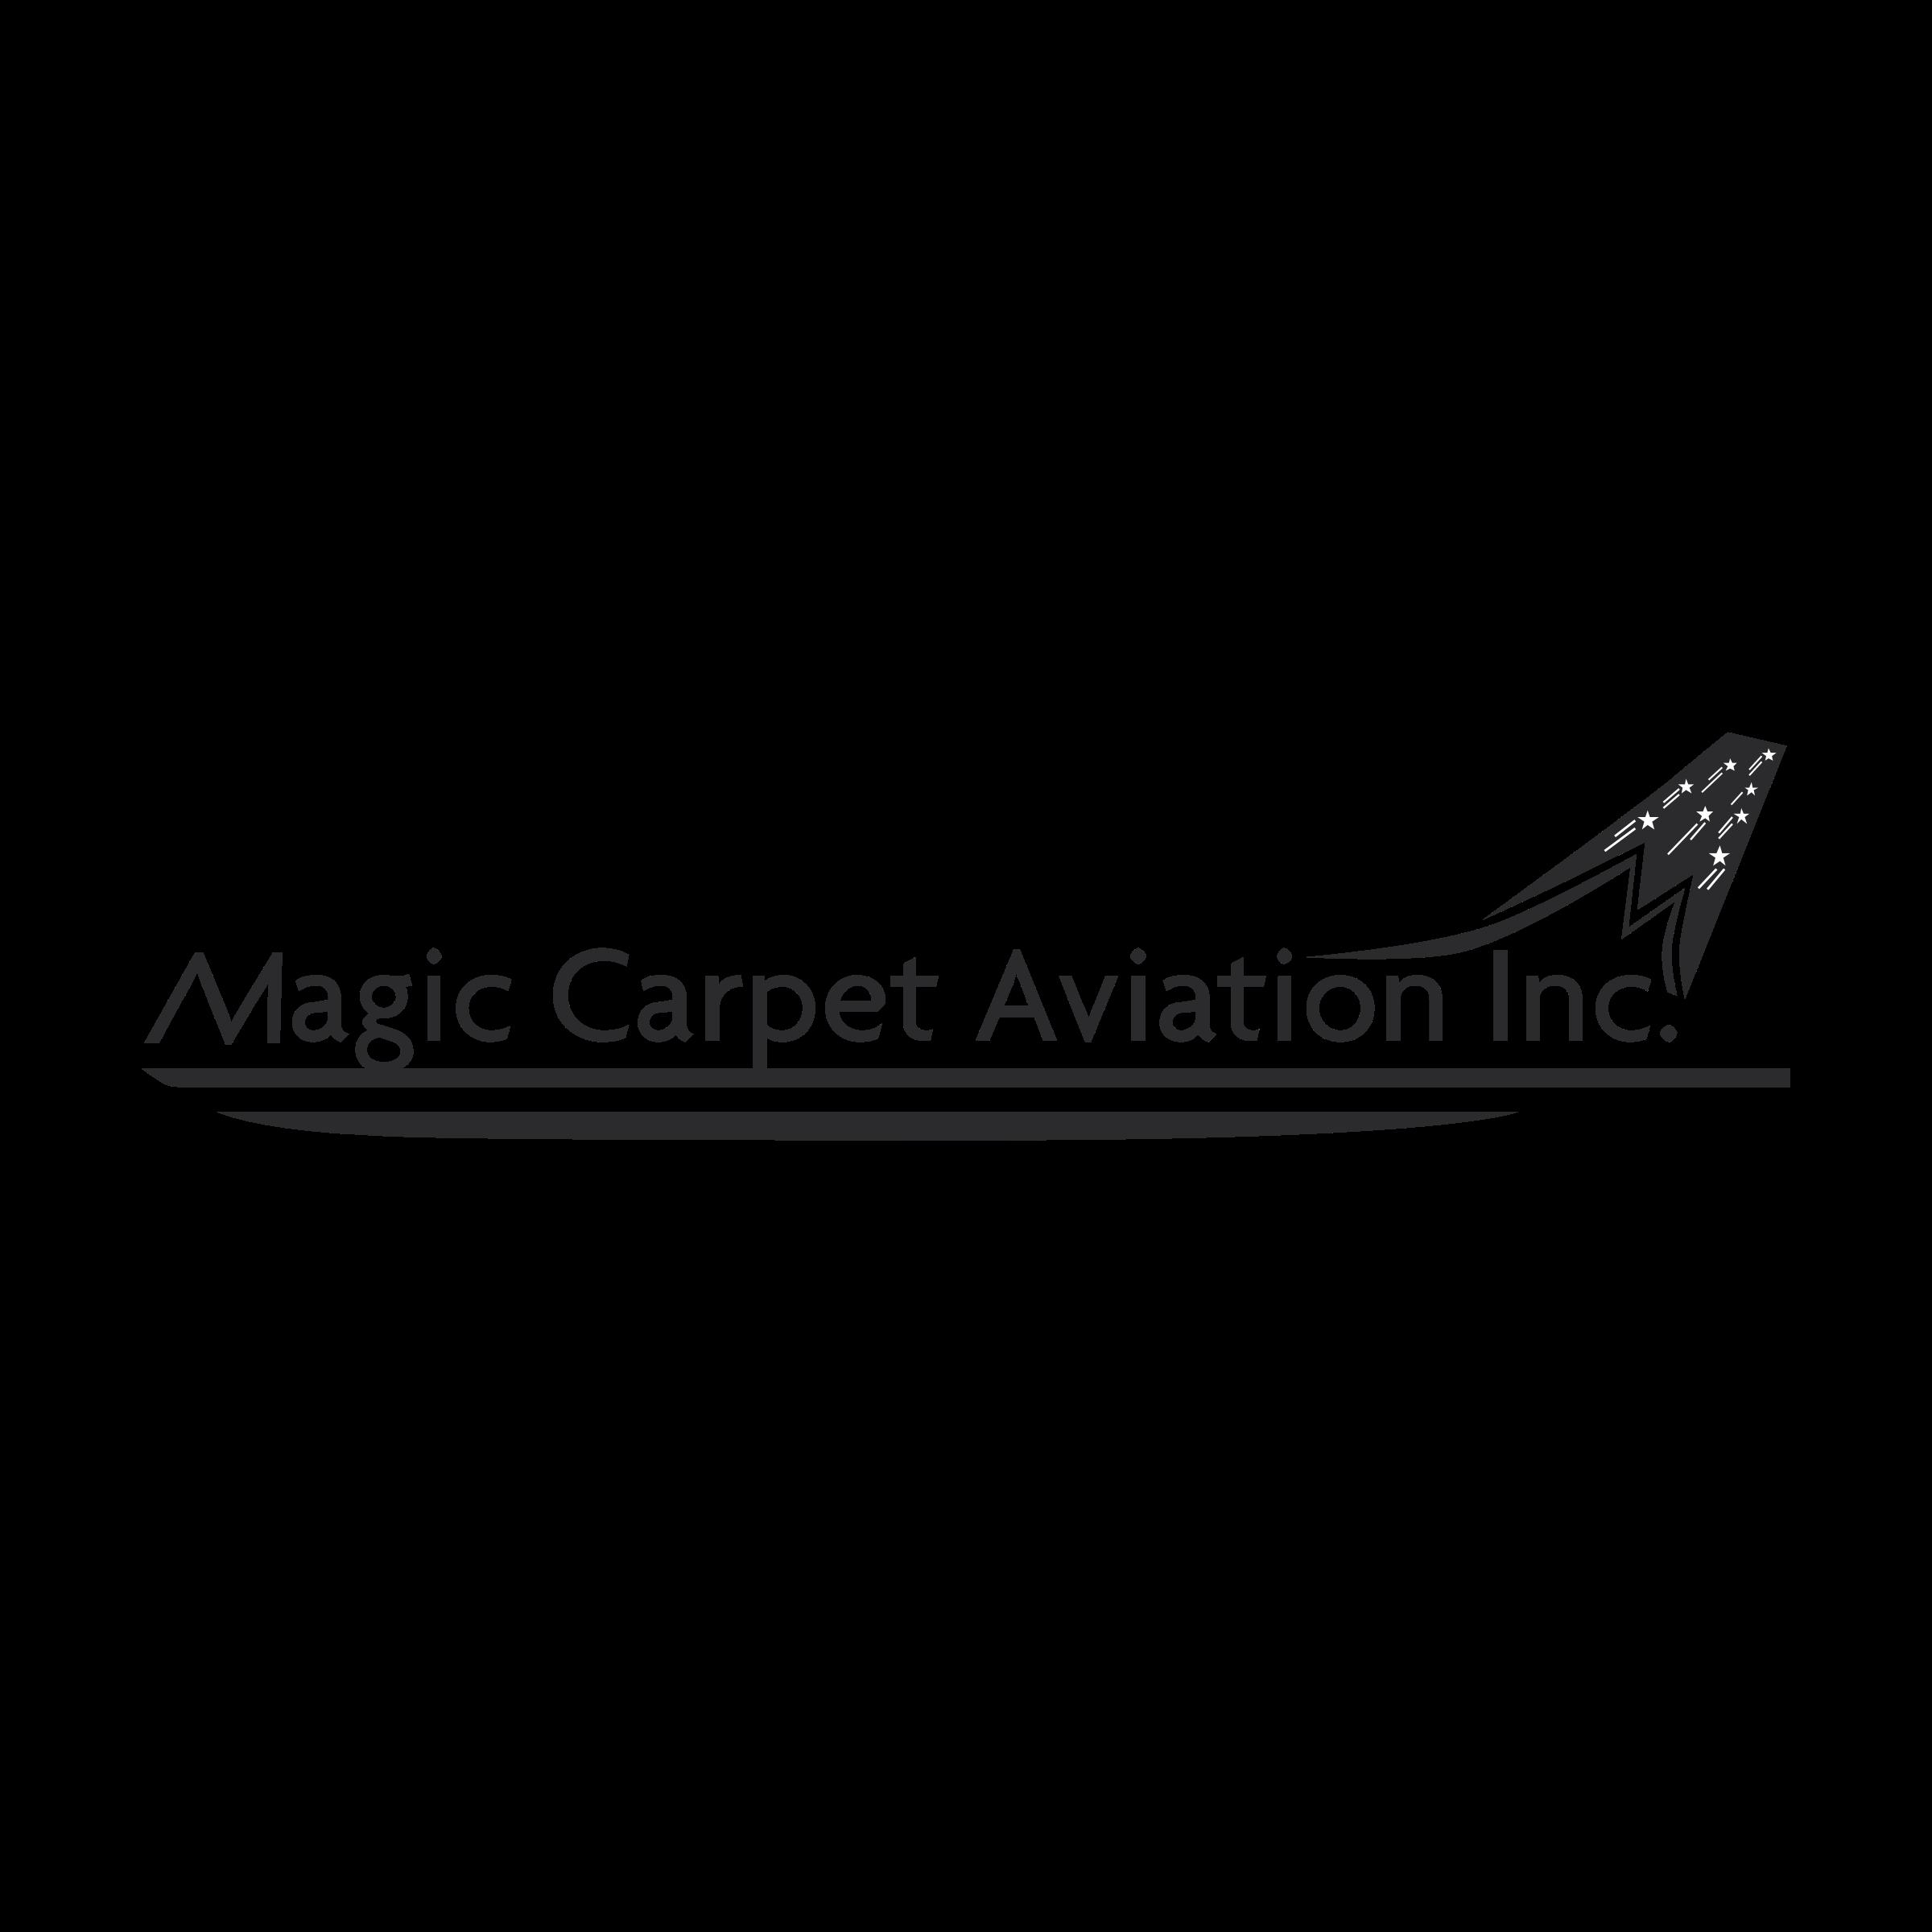 clip transparent download Vector aviation transparent. Magic carpet logo png